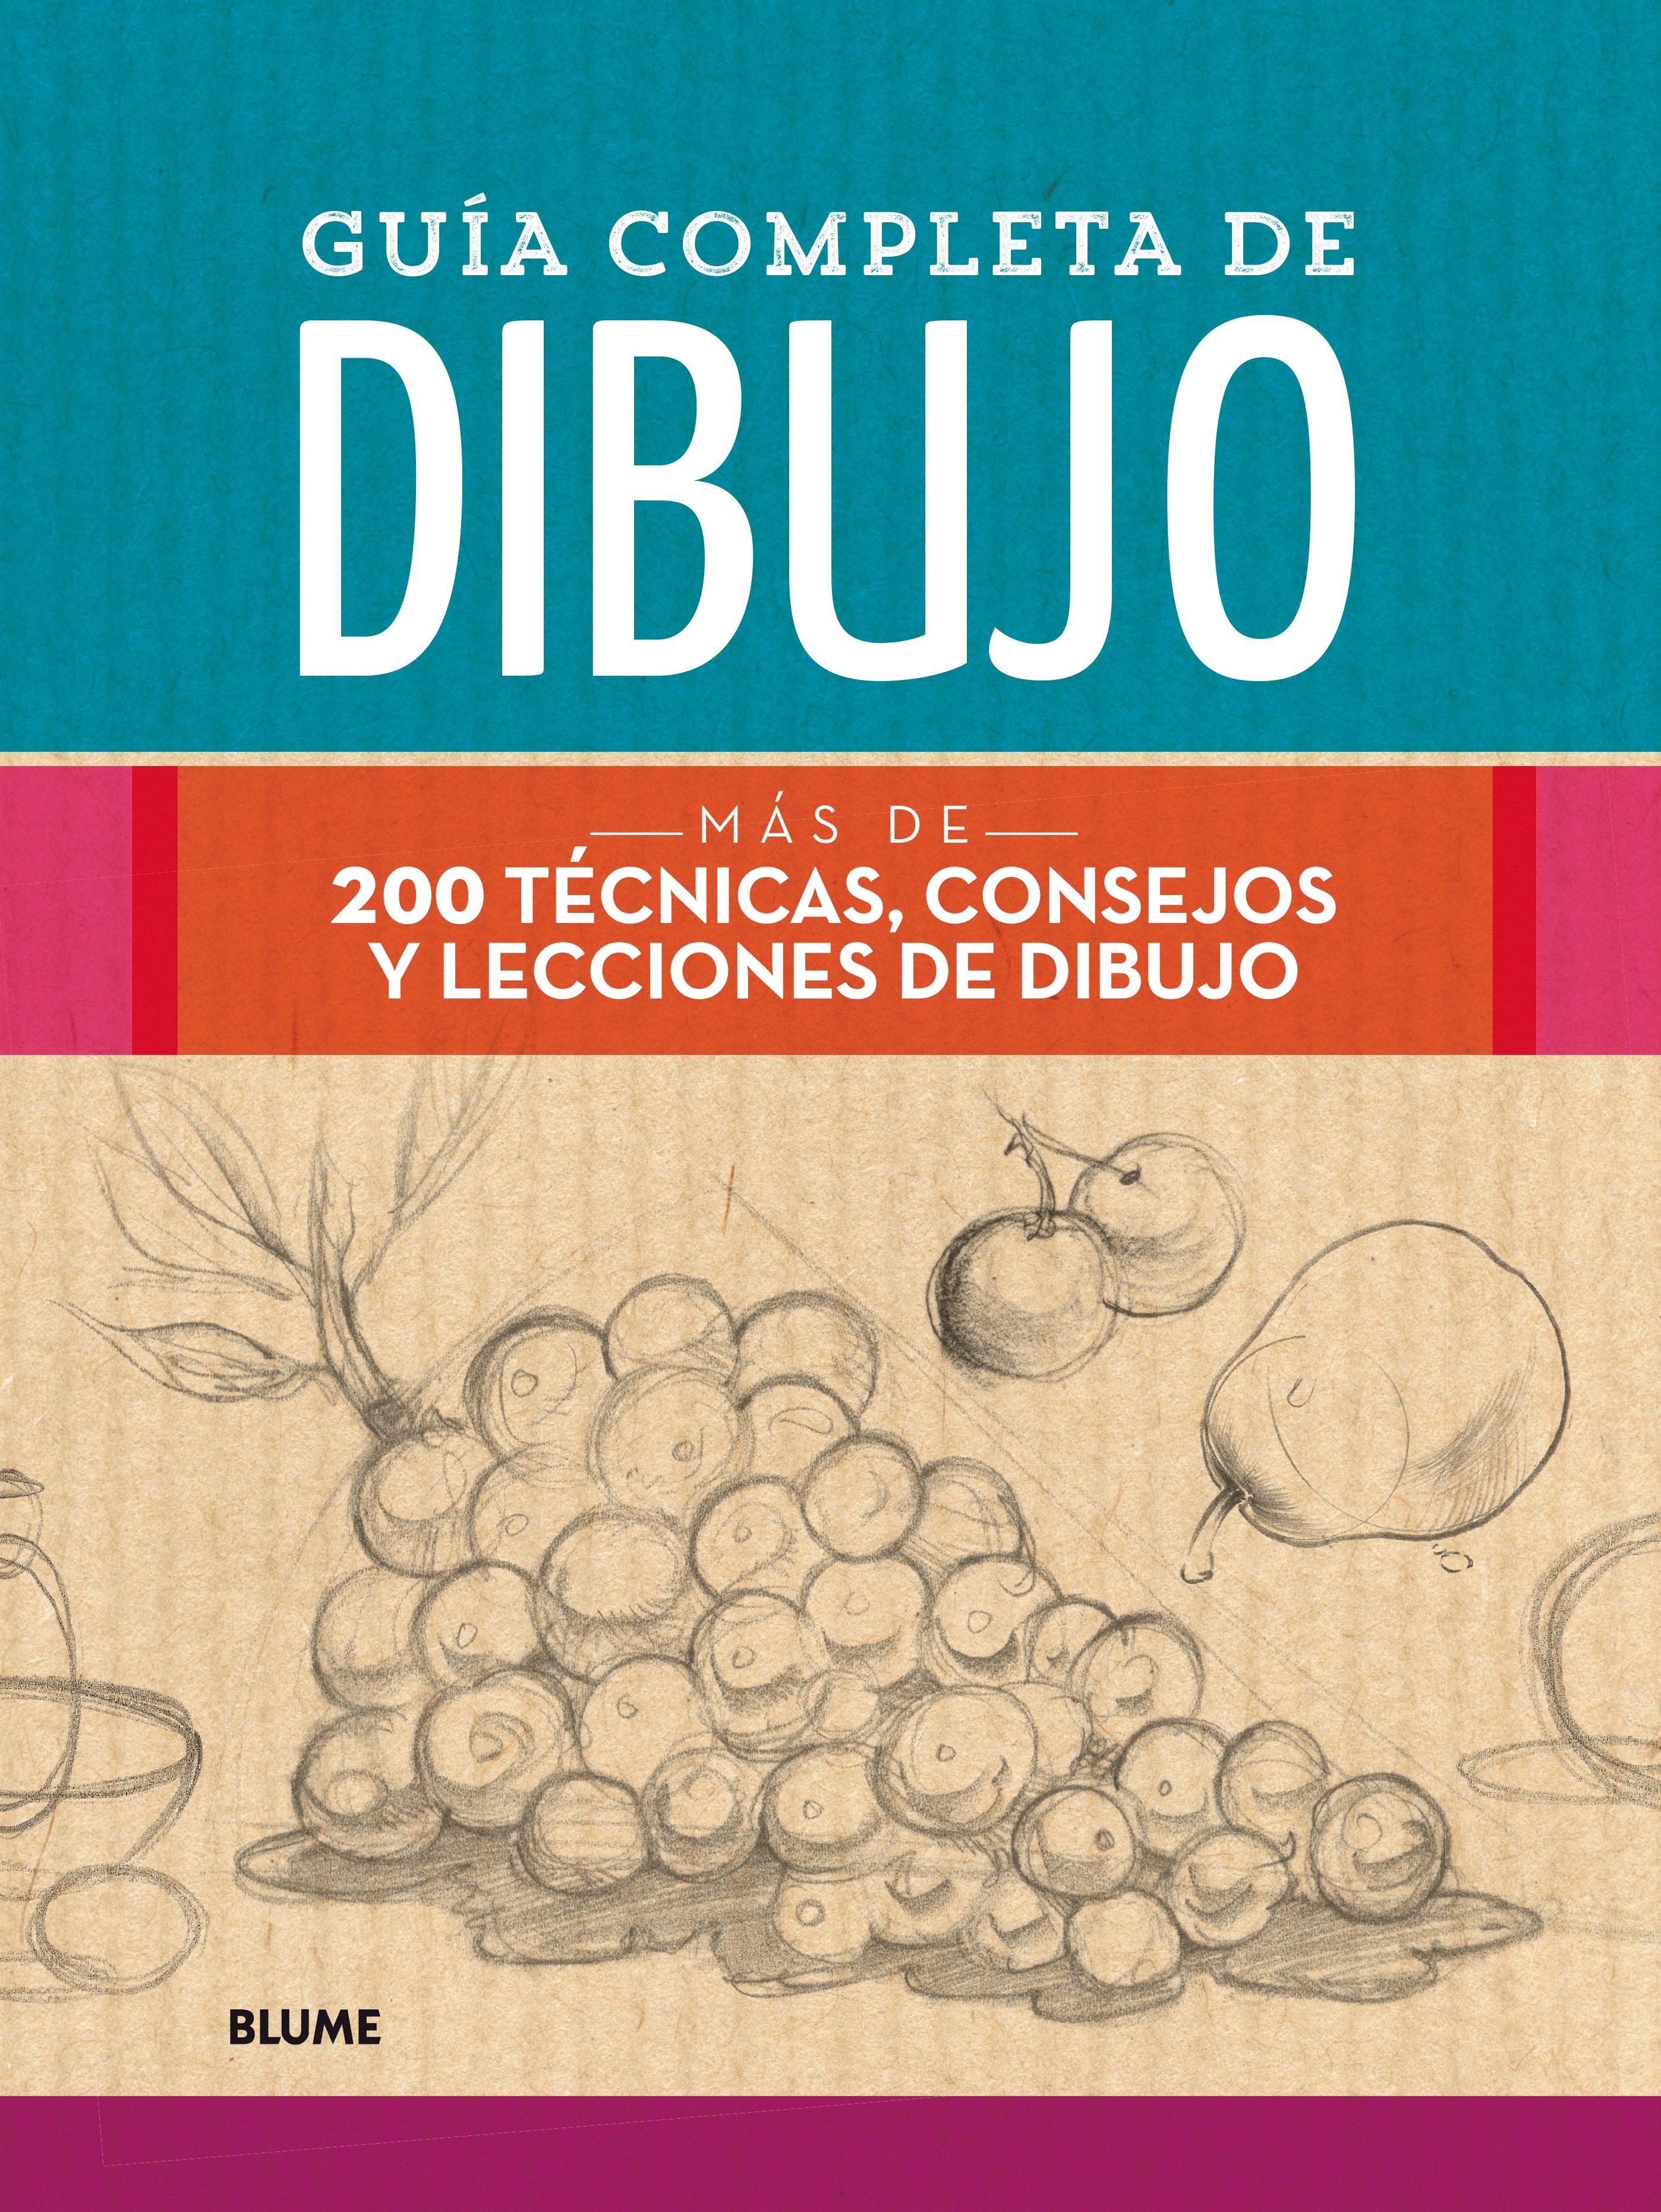 GUIA COMPLETA DE DIBUJO: MAS DE 200 TECNICAS, CONSEJOS Y LECCIONES ...